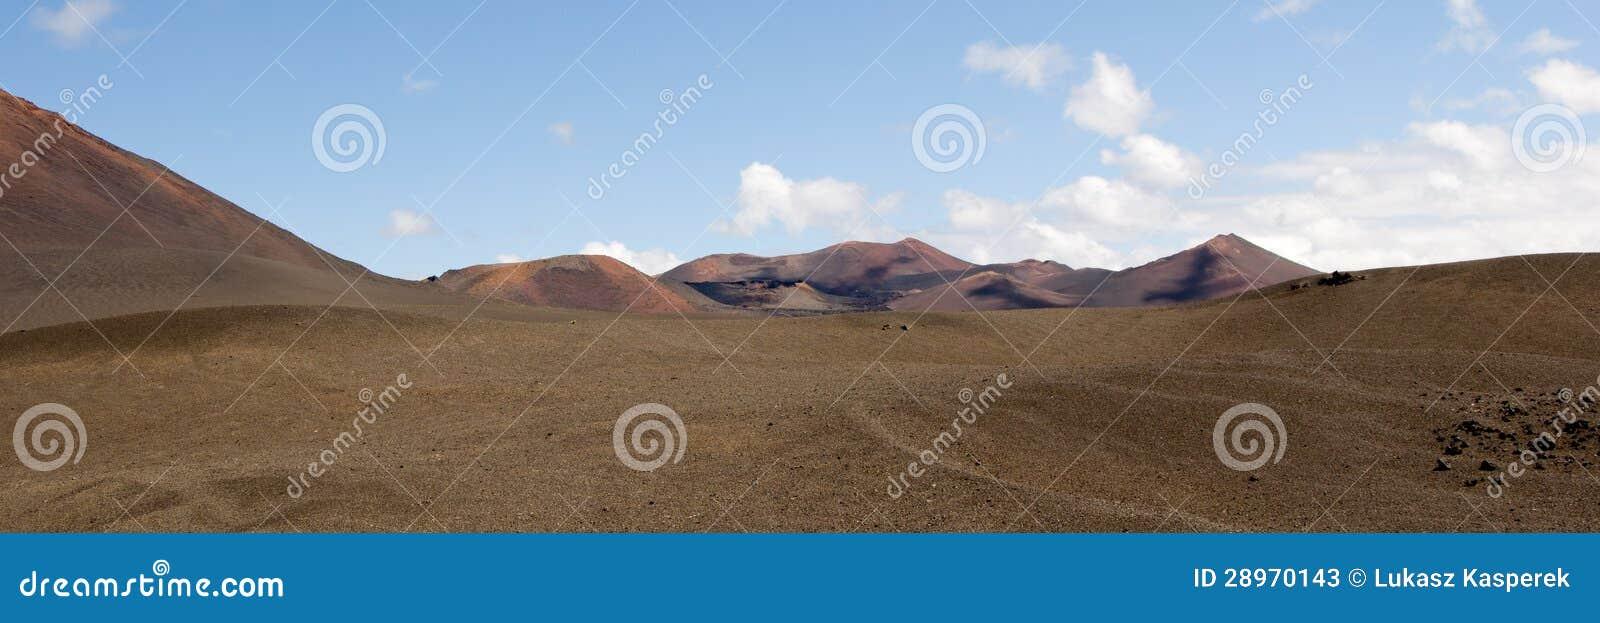 Powulkaniczny krajobraz - panorama